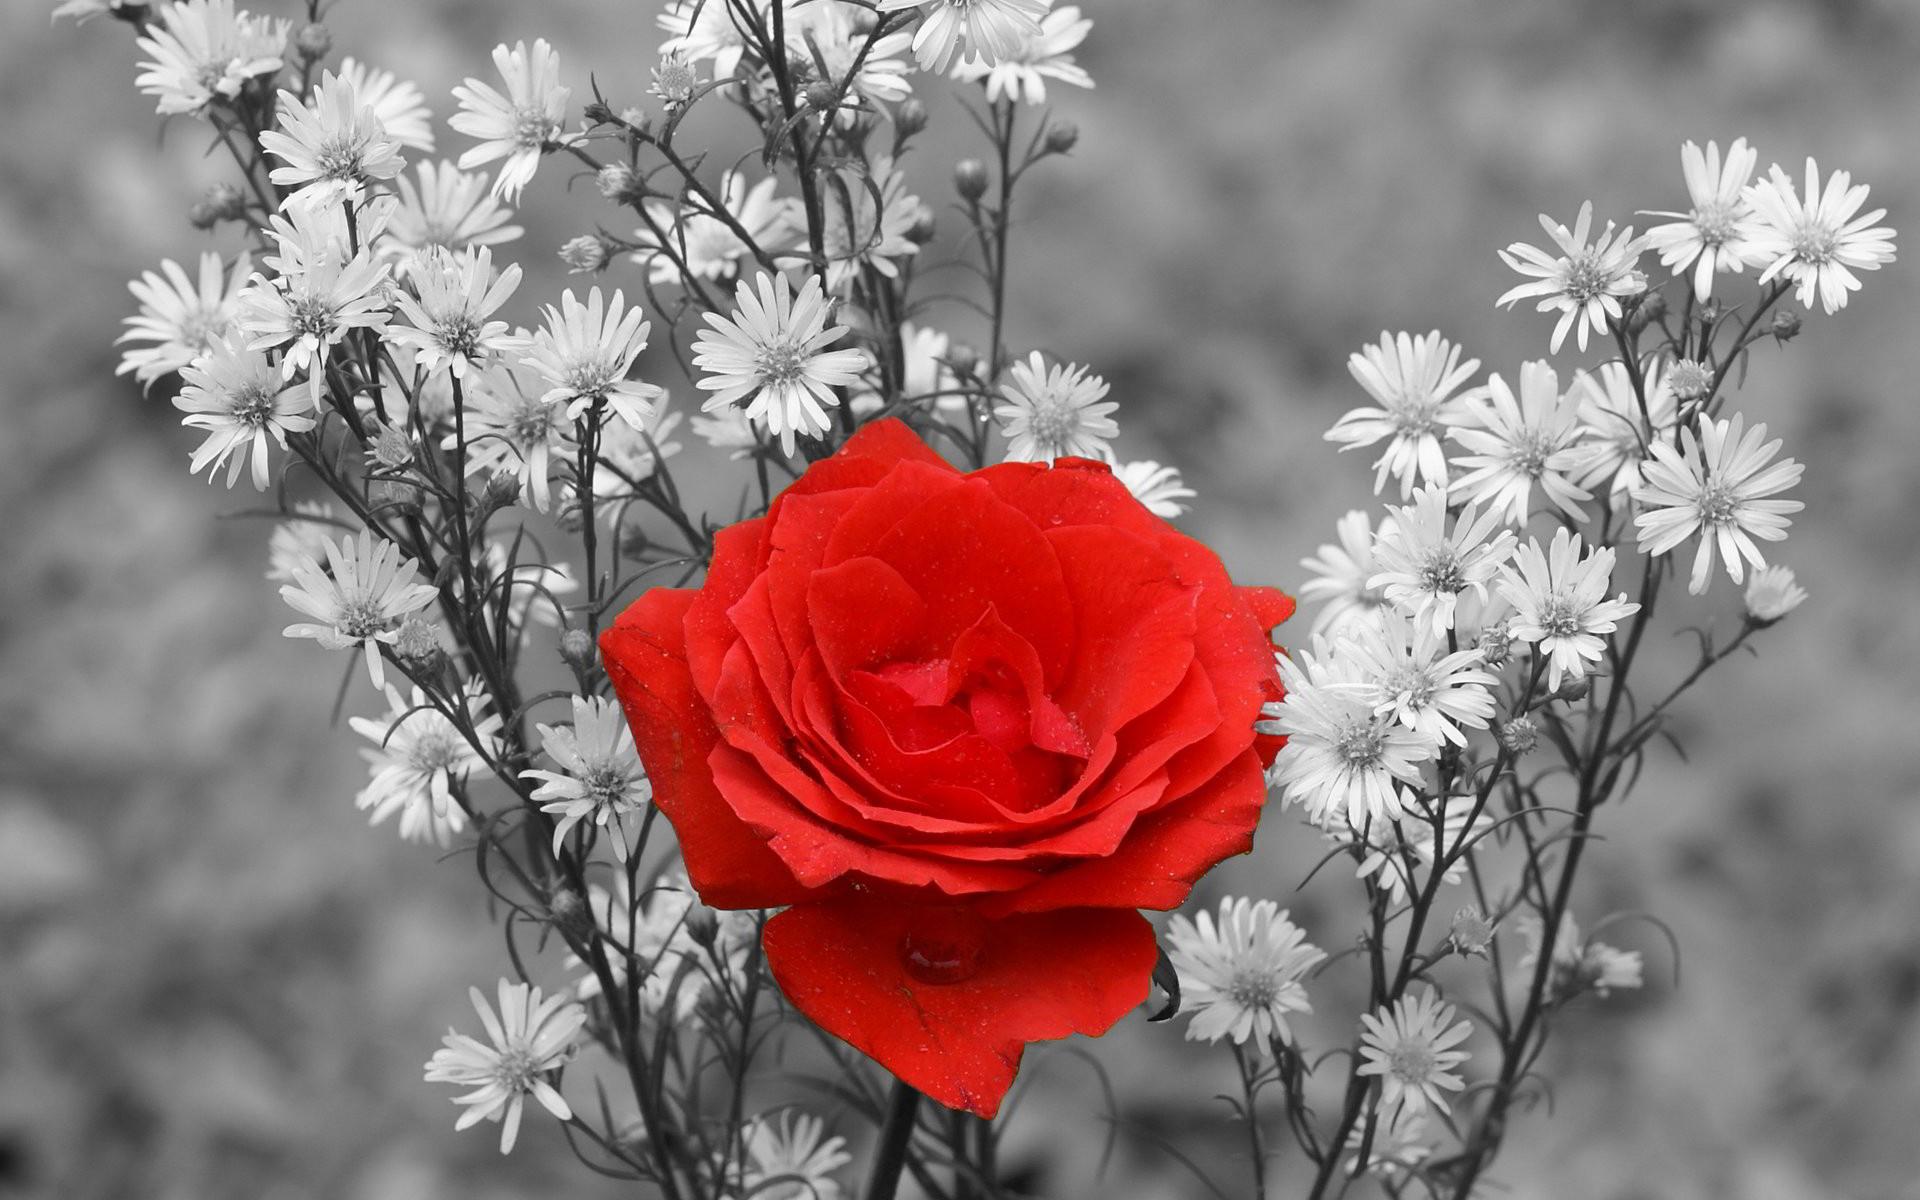 List hình nền hoa hồng đẹp cho máy tính